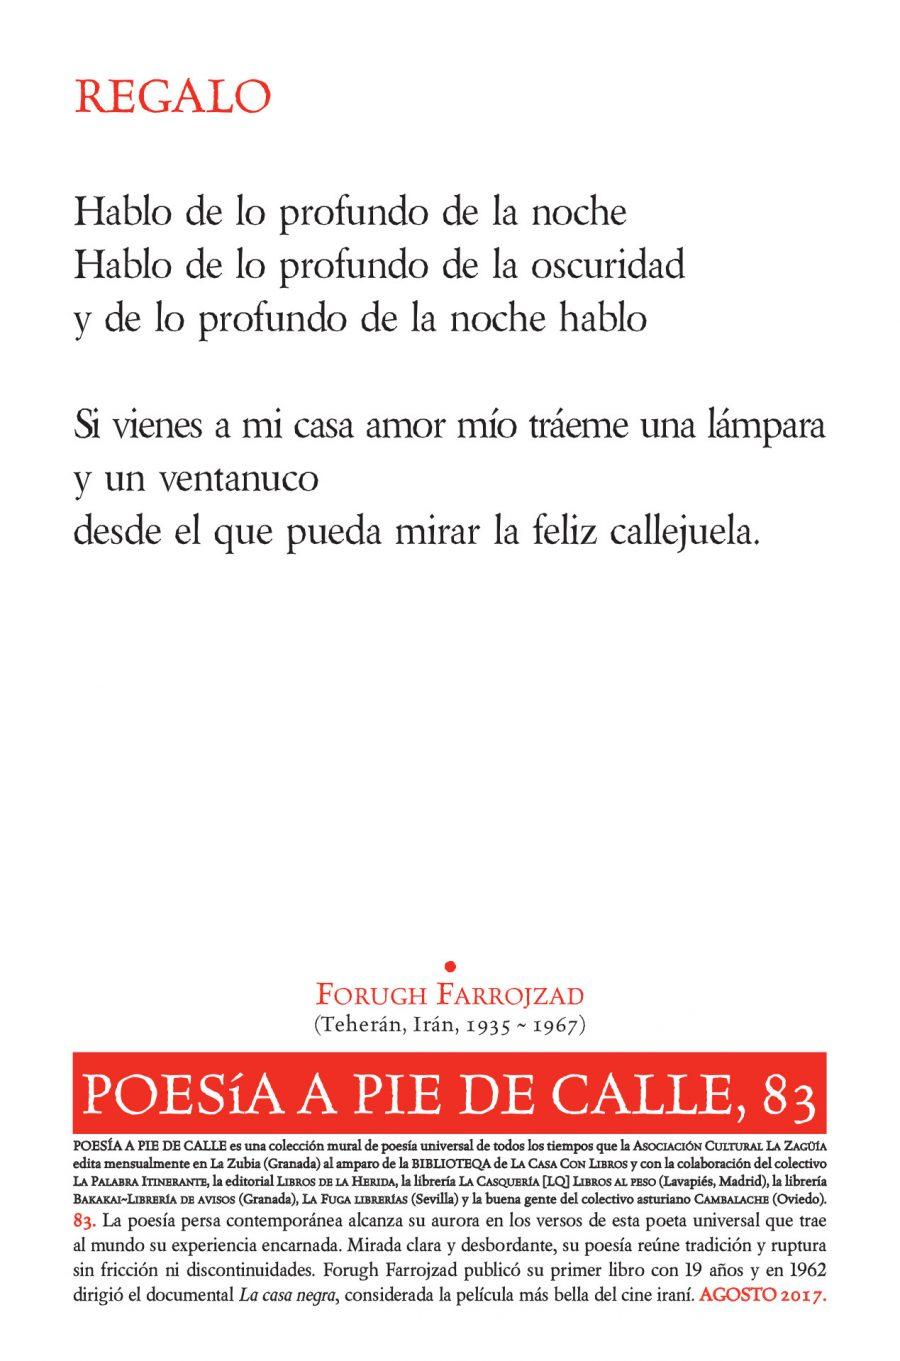 """POESÍA A PIE DE CALLE, 83: """"Regalo"""",de FORUGH FARROJZAD"""